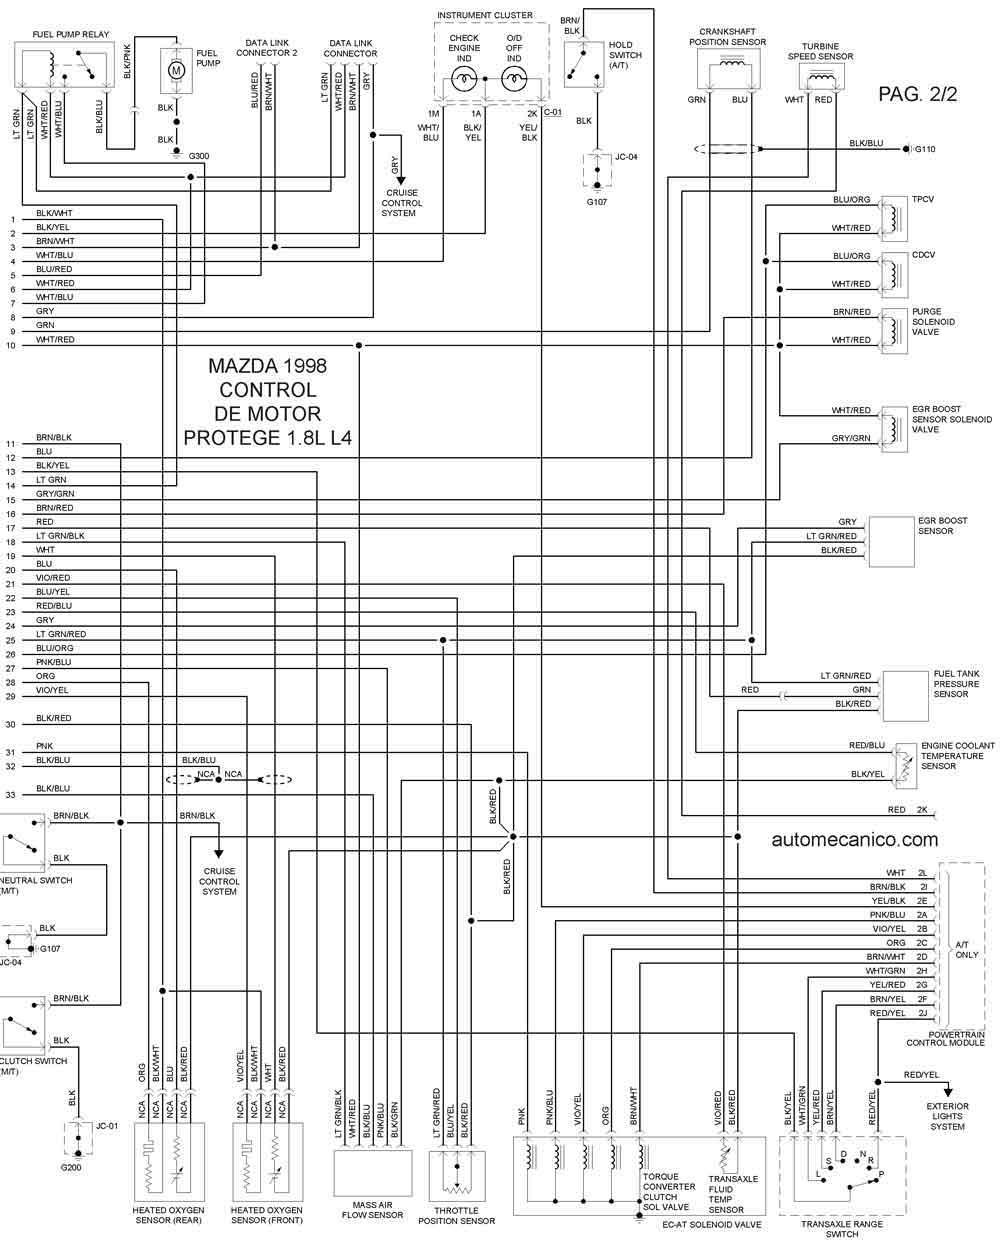 1994 lesabre diagrama de cableado